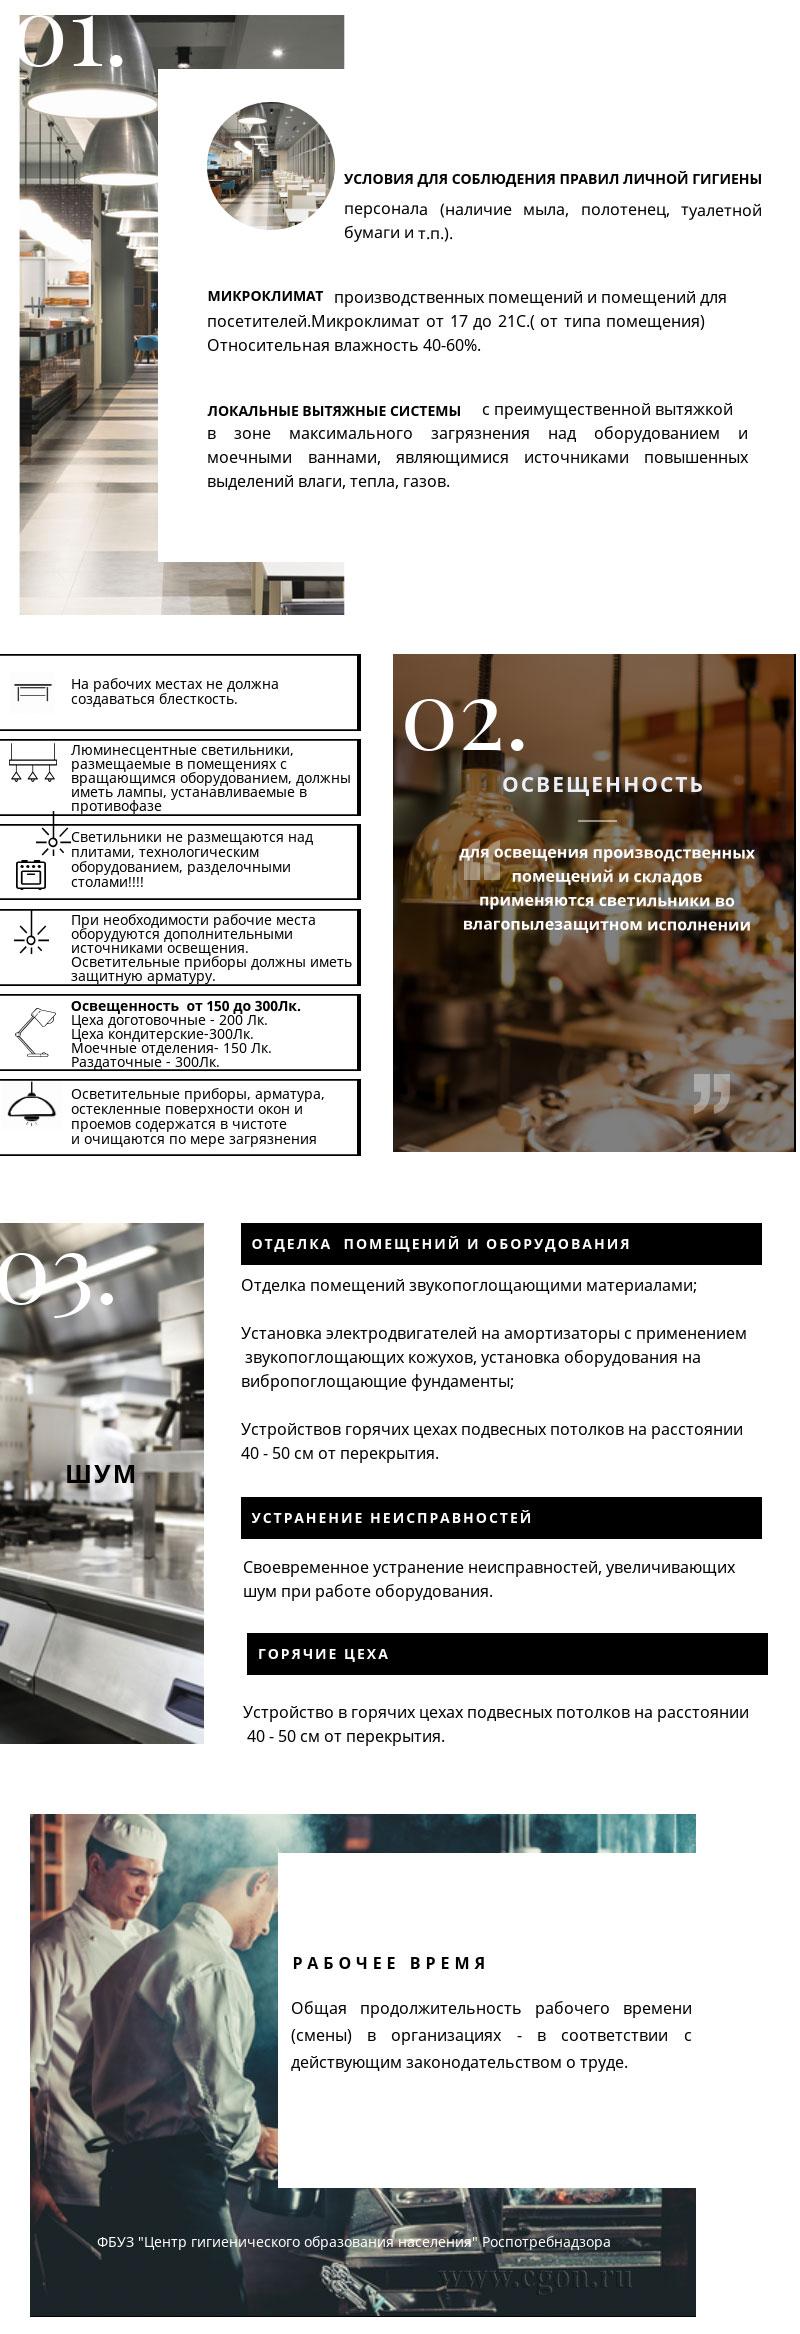 Требования к условиям работы в производственных помещениях предприятий общественного питания